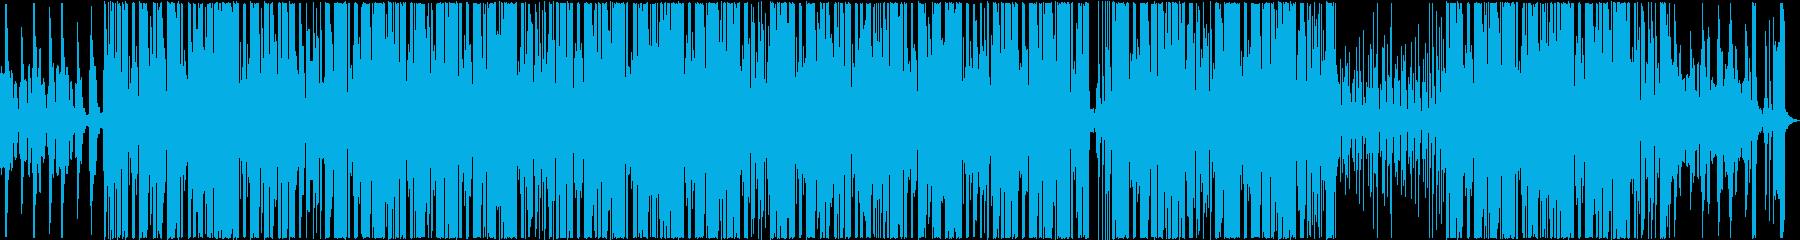 レゲエ スカ トロピカル ポジティ...の再生済みの波形